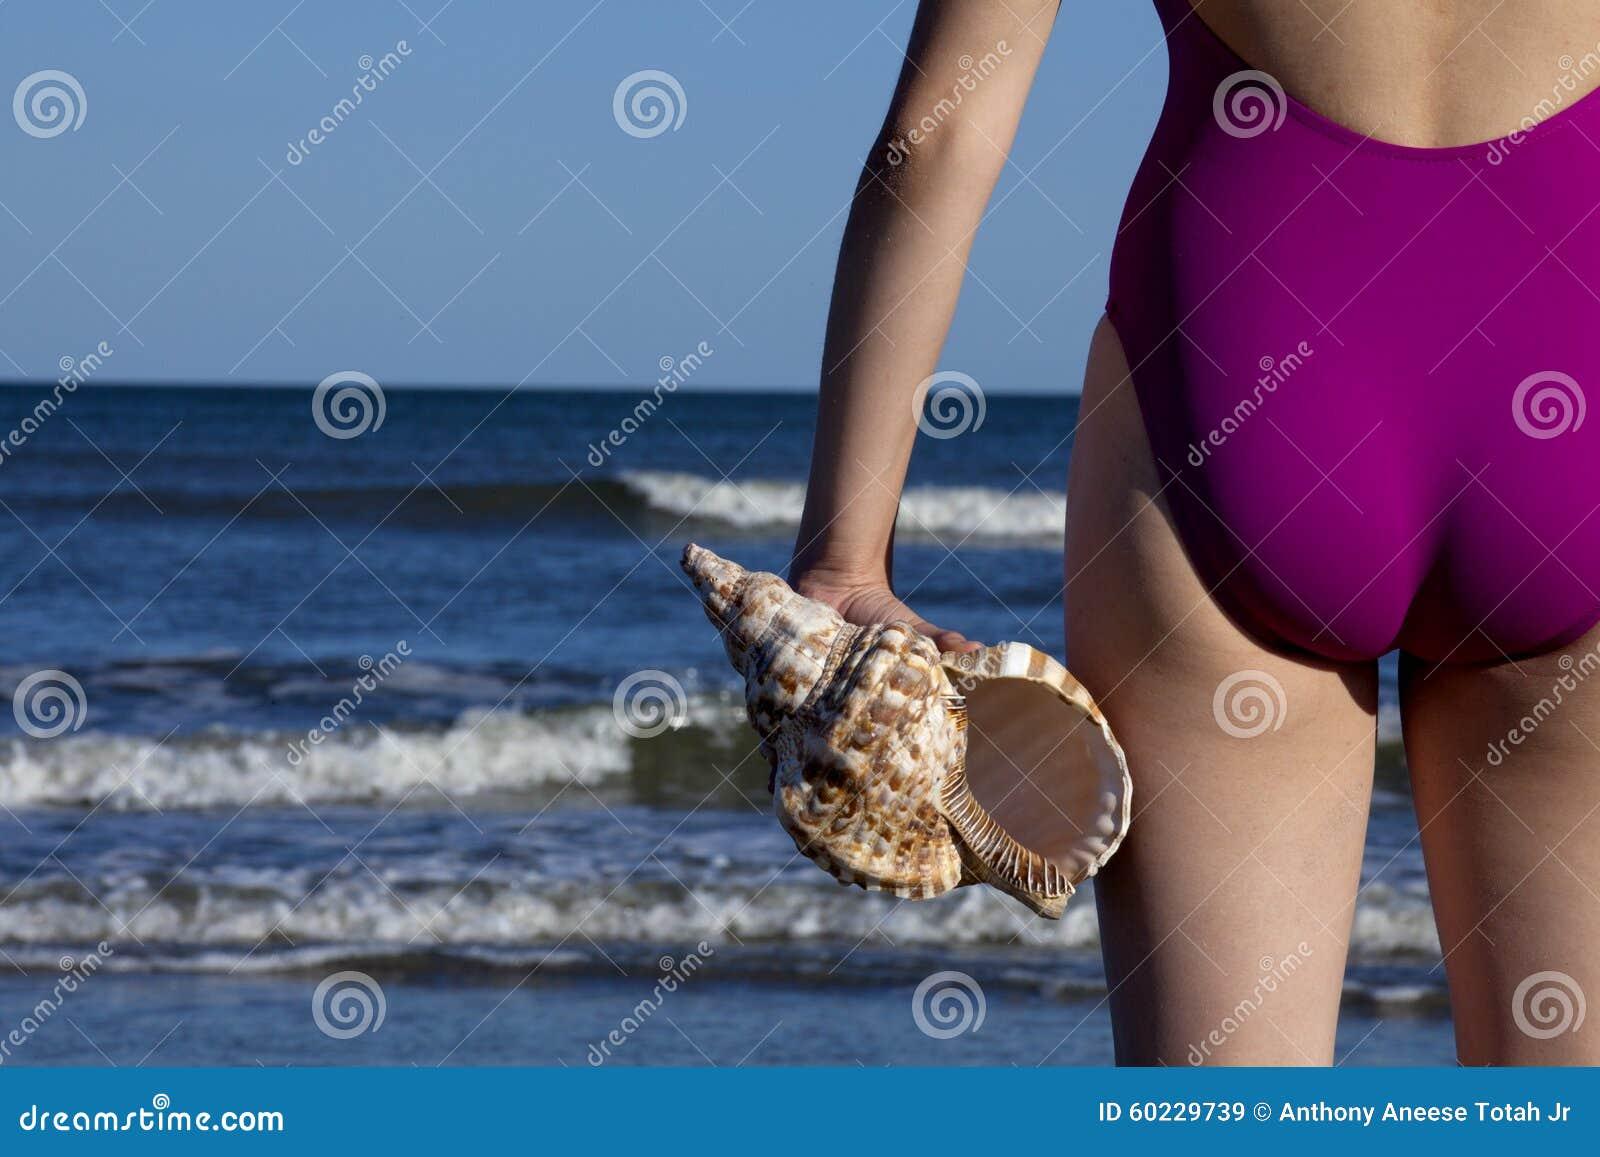 Costume Da Bagno Conchiglia : Giovane donna adulta che tiene una conchiglia di tritone immagine